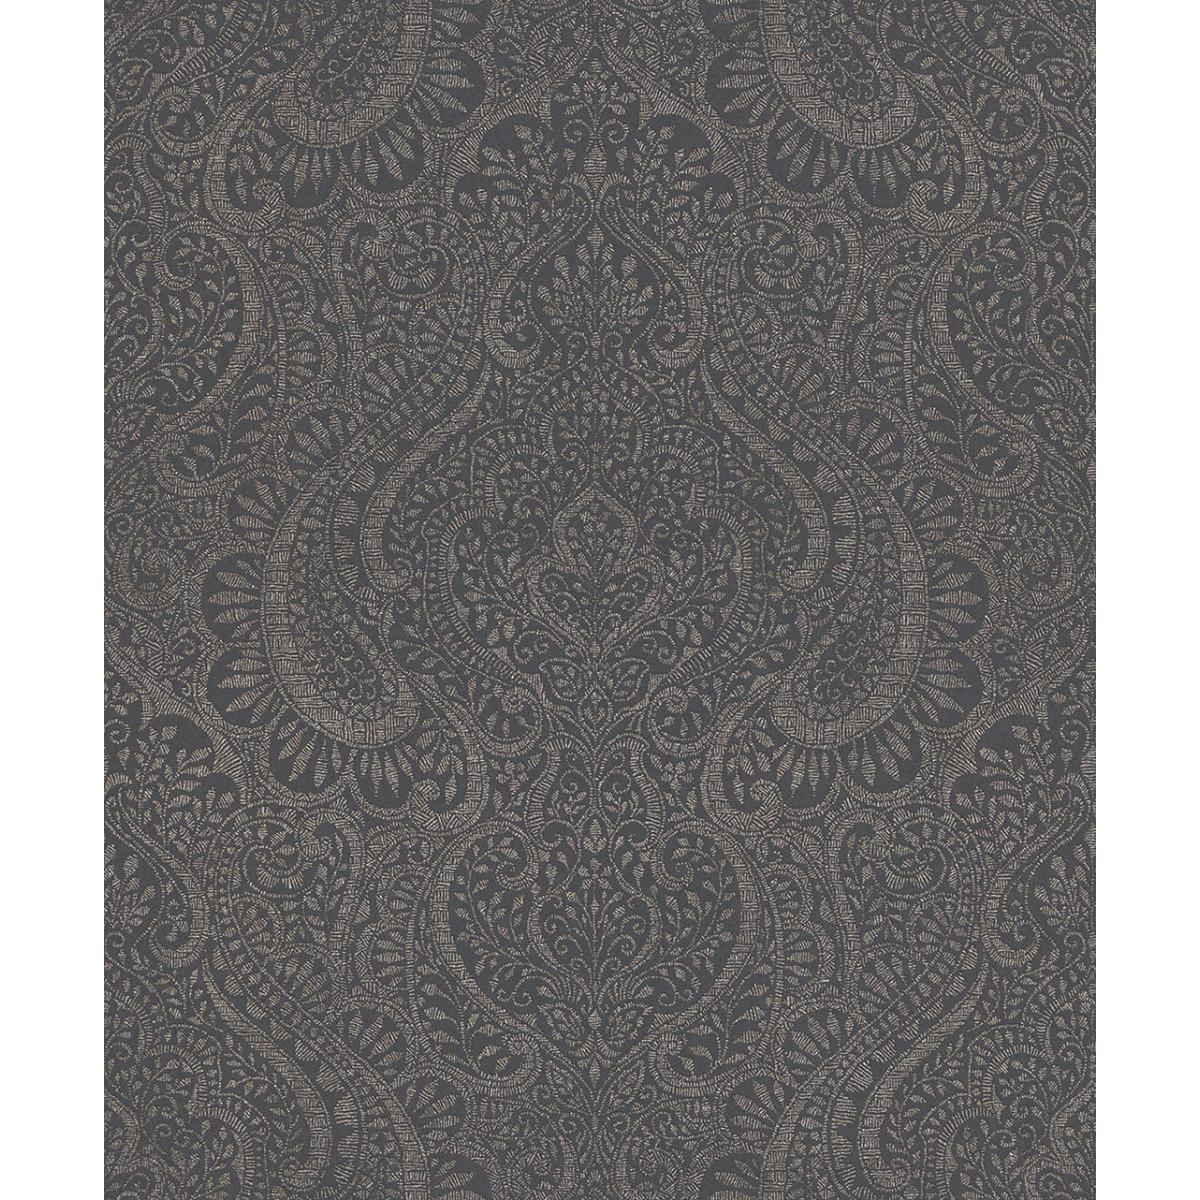 Обои флизелиновые Aquarelle Jaipur серые 0.53 м 227849